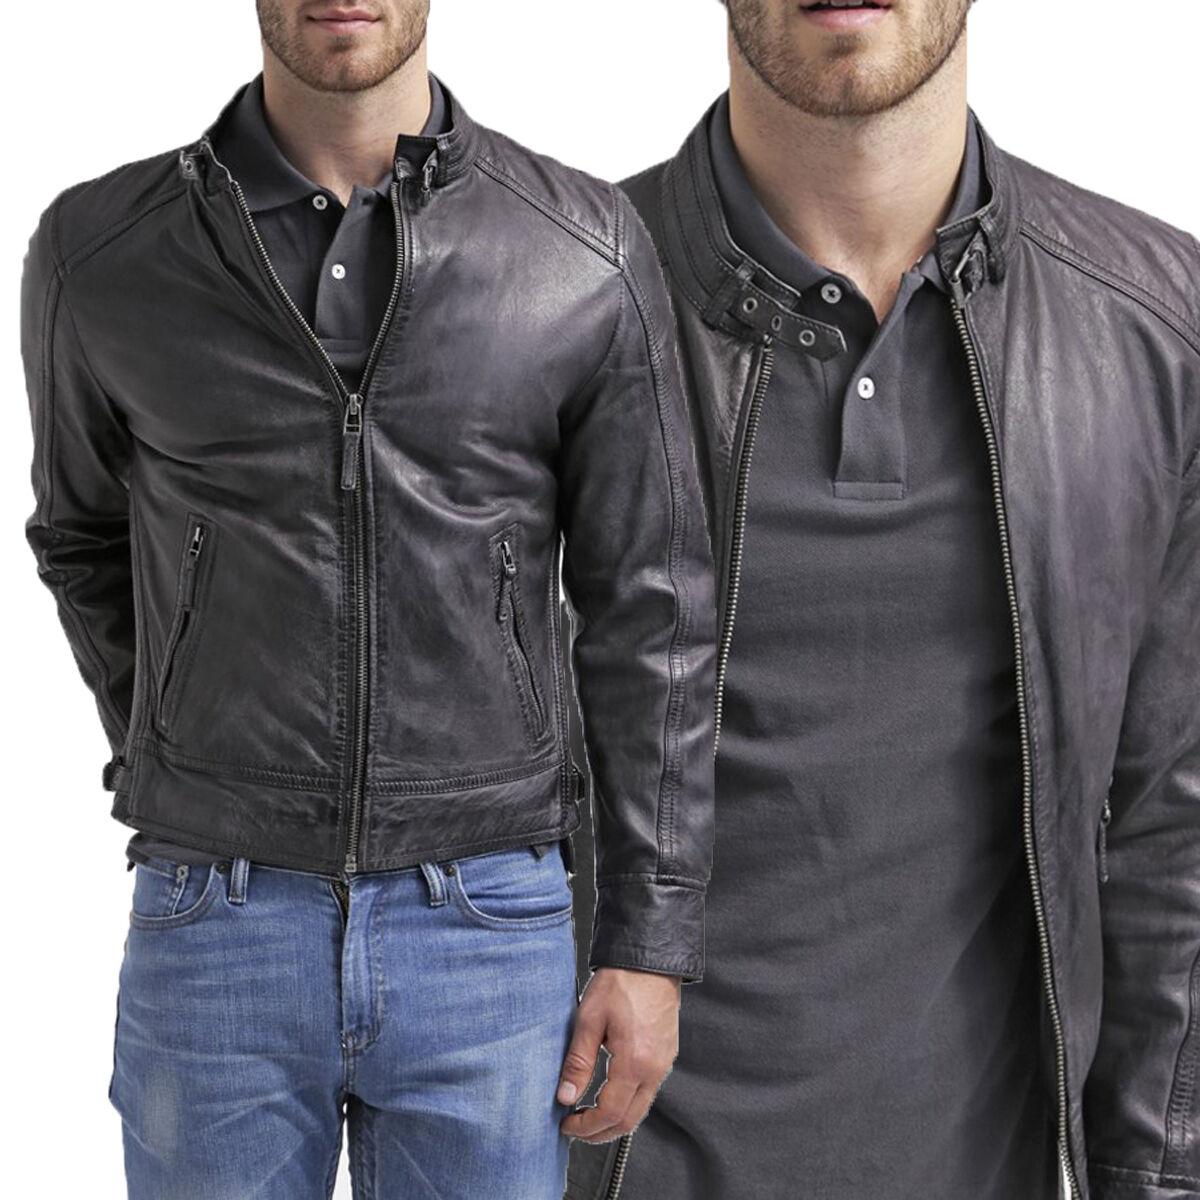 Chaqueta de cuero US Men Hommes veste cuir Herren Lederjacke chaqueta de cuero R67